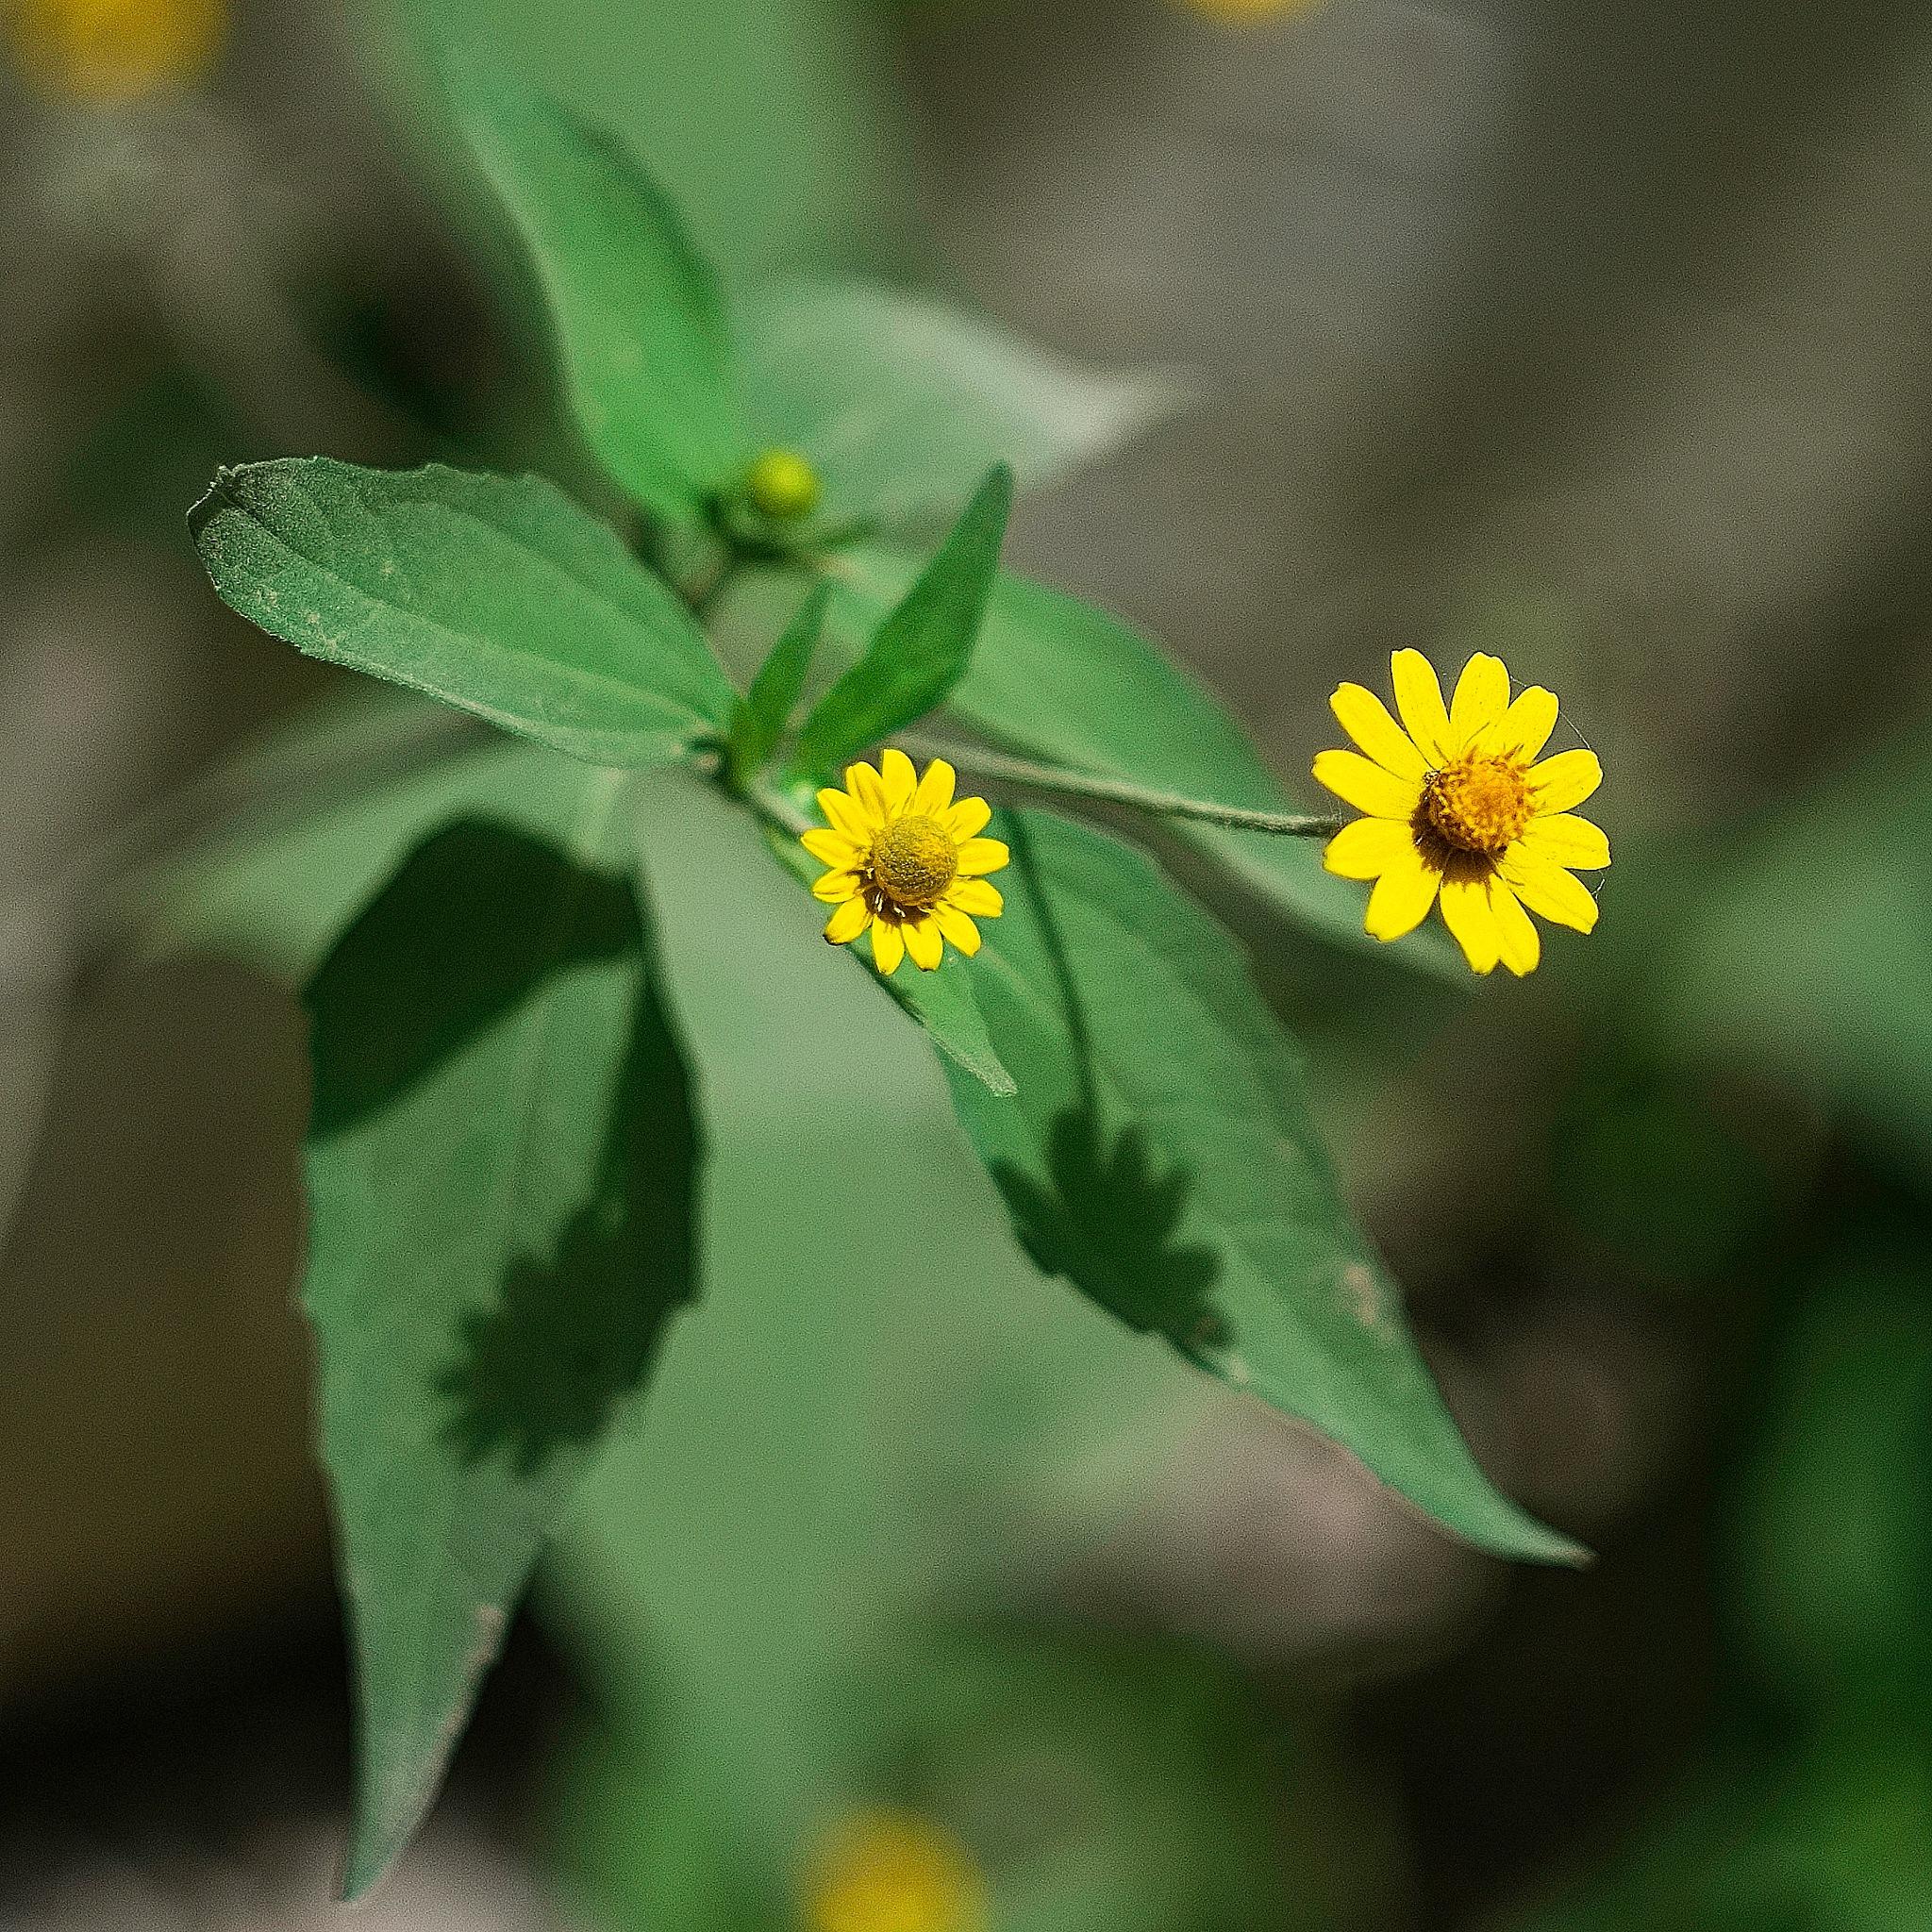 Little Wild Flower by Smilin' Dog